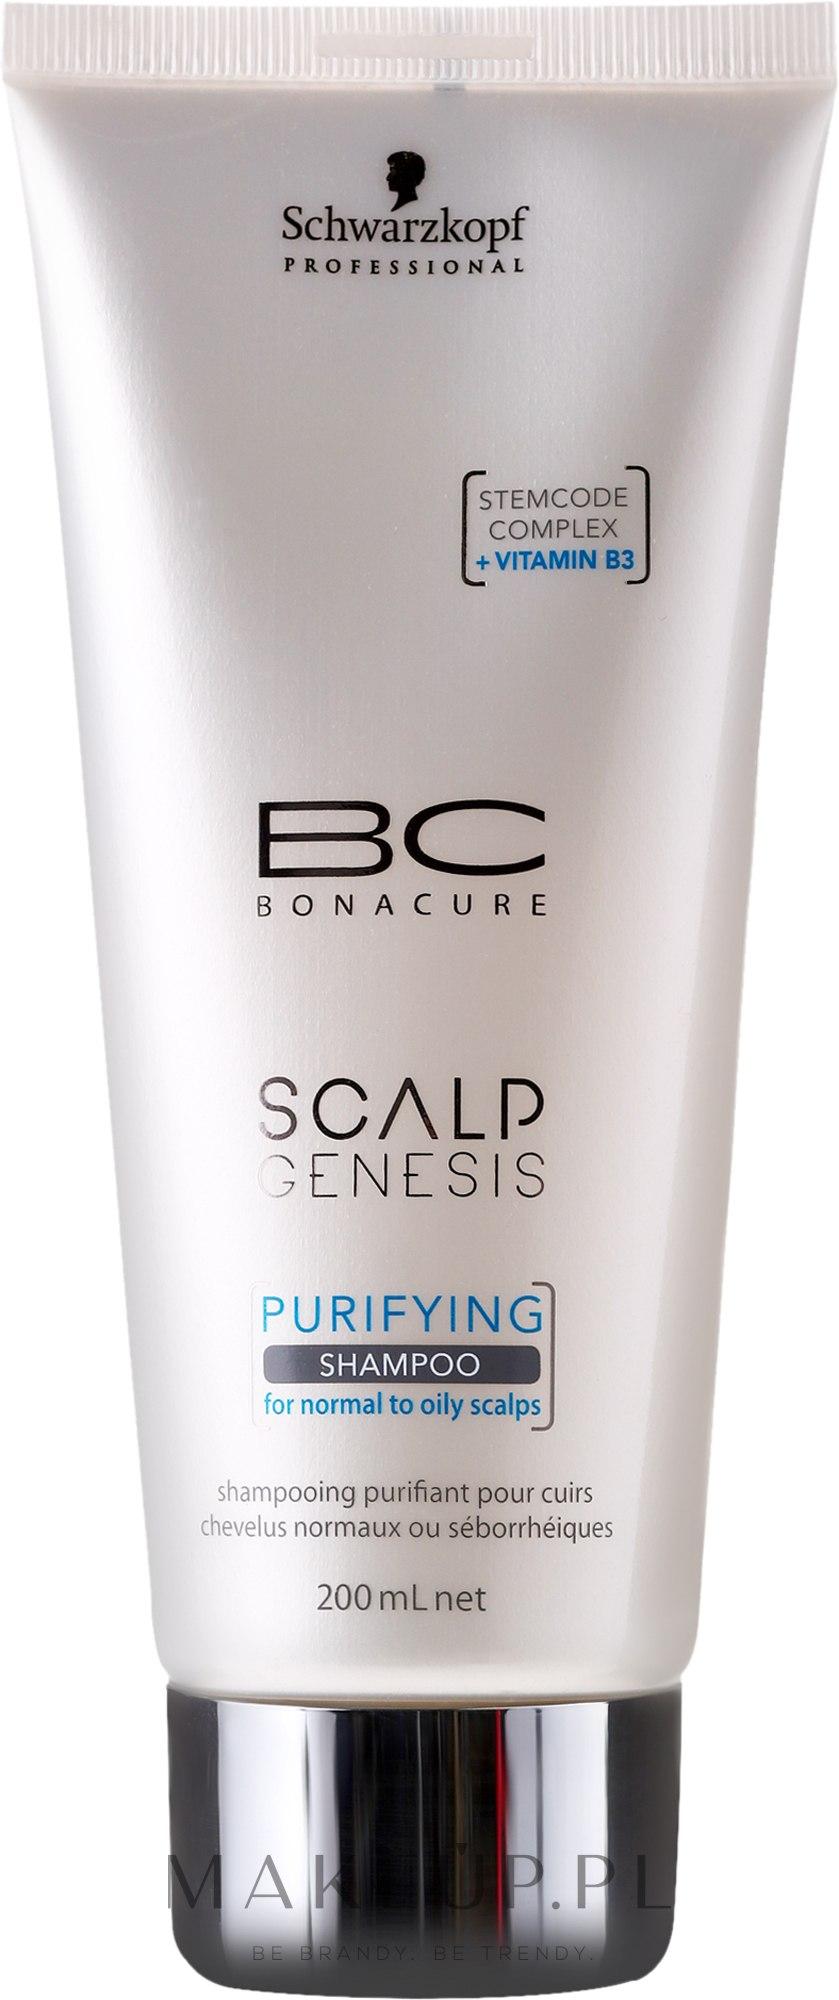 Oczyszczający szampon do włosów normalnych i tłustych - Schwarzkopf Professional BC Bonacure Scalp Genesis Purifying Shampoo — фото 200 ml